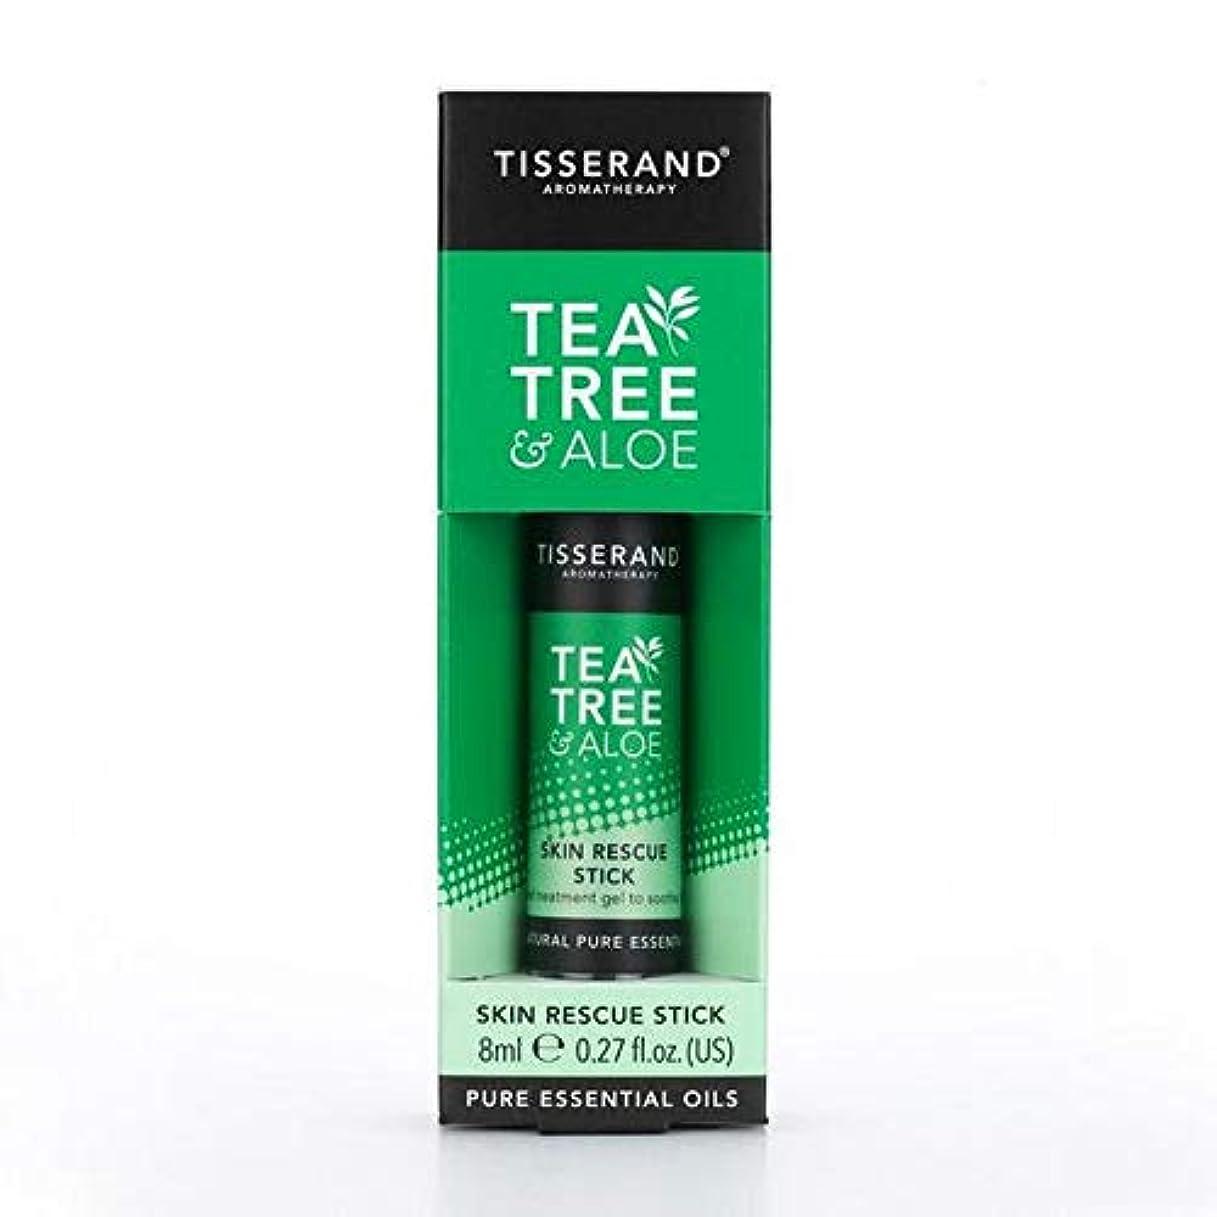 ジャンプ三角特派員[Tisserand] ティスランドティーツリー&アロエレスキュースティック8ミリリットル - Tisserand Tea Tree & Aloe Rescue Stick 8ml [並行輸入品]